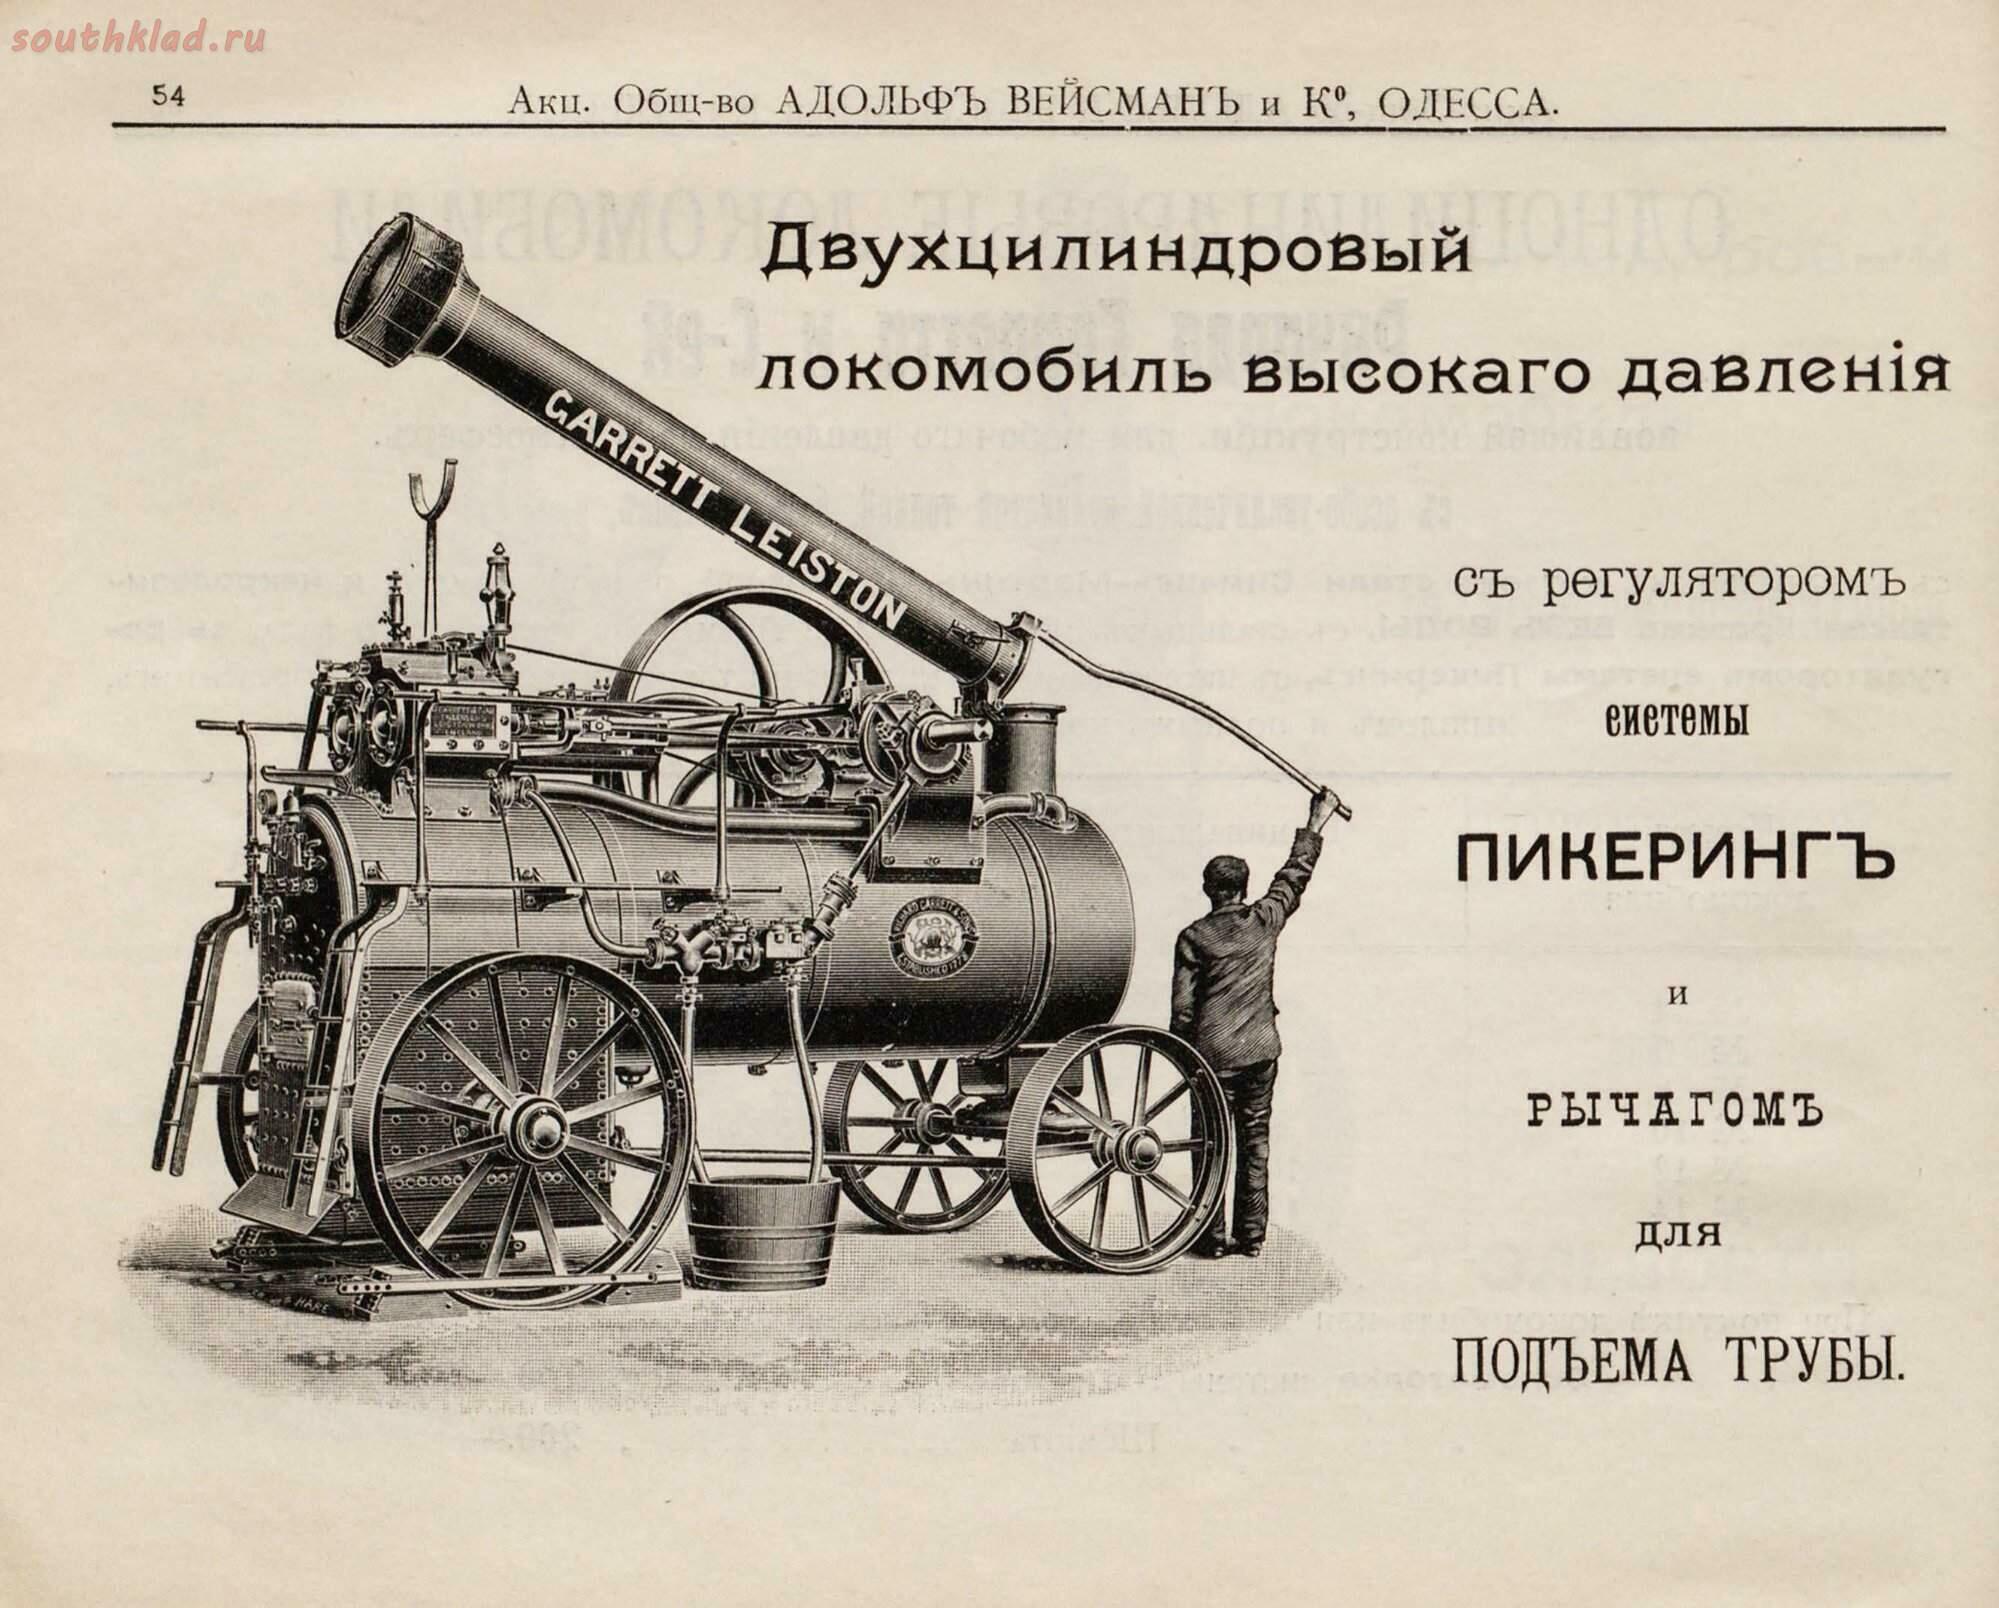 двухцилиндровый локомобиль ПИКЕРИНГ.